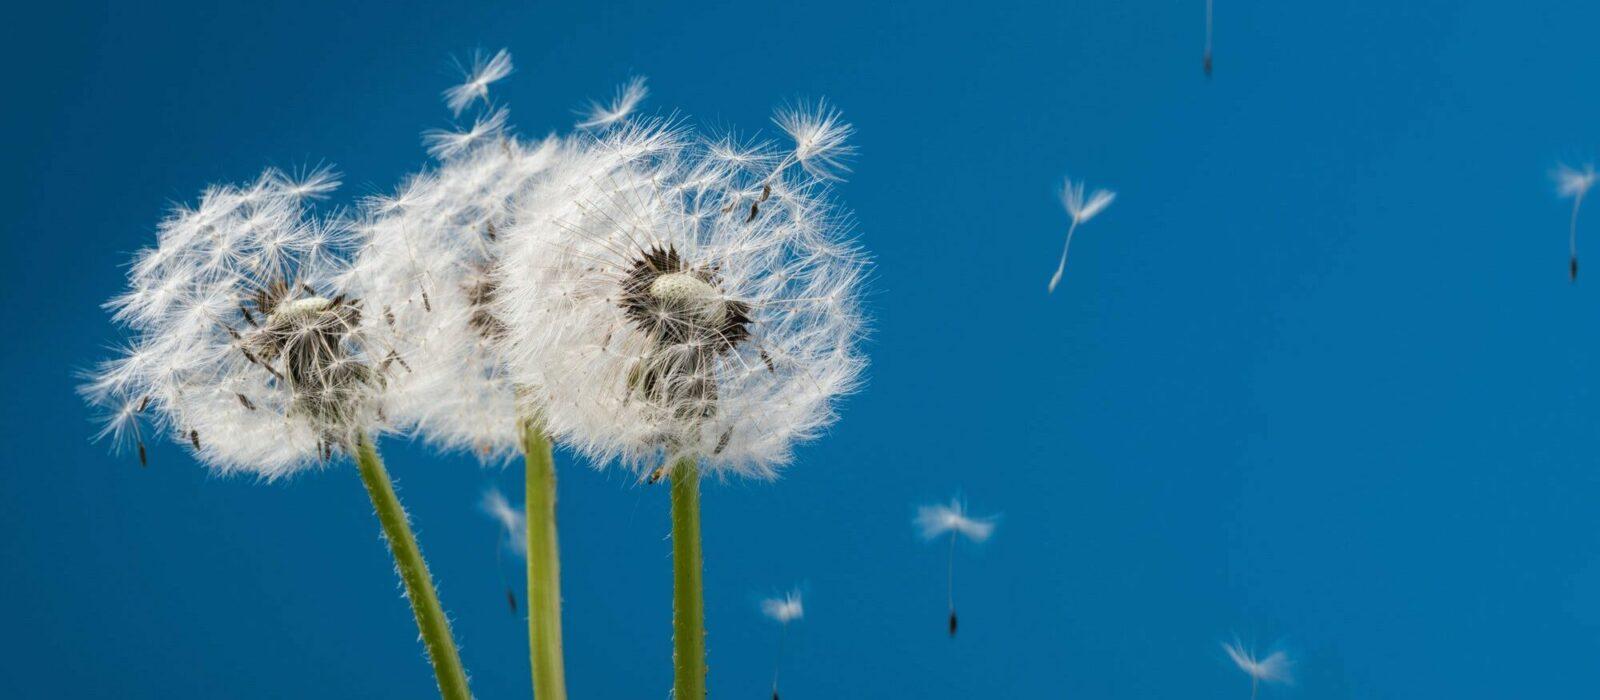 Symbolbild Allergie zeigt 3 Pusteblumen mit davon fliegenden Pollen